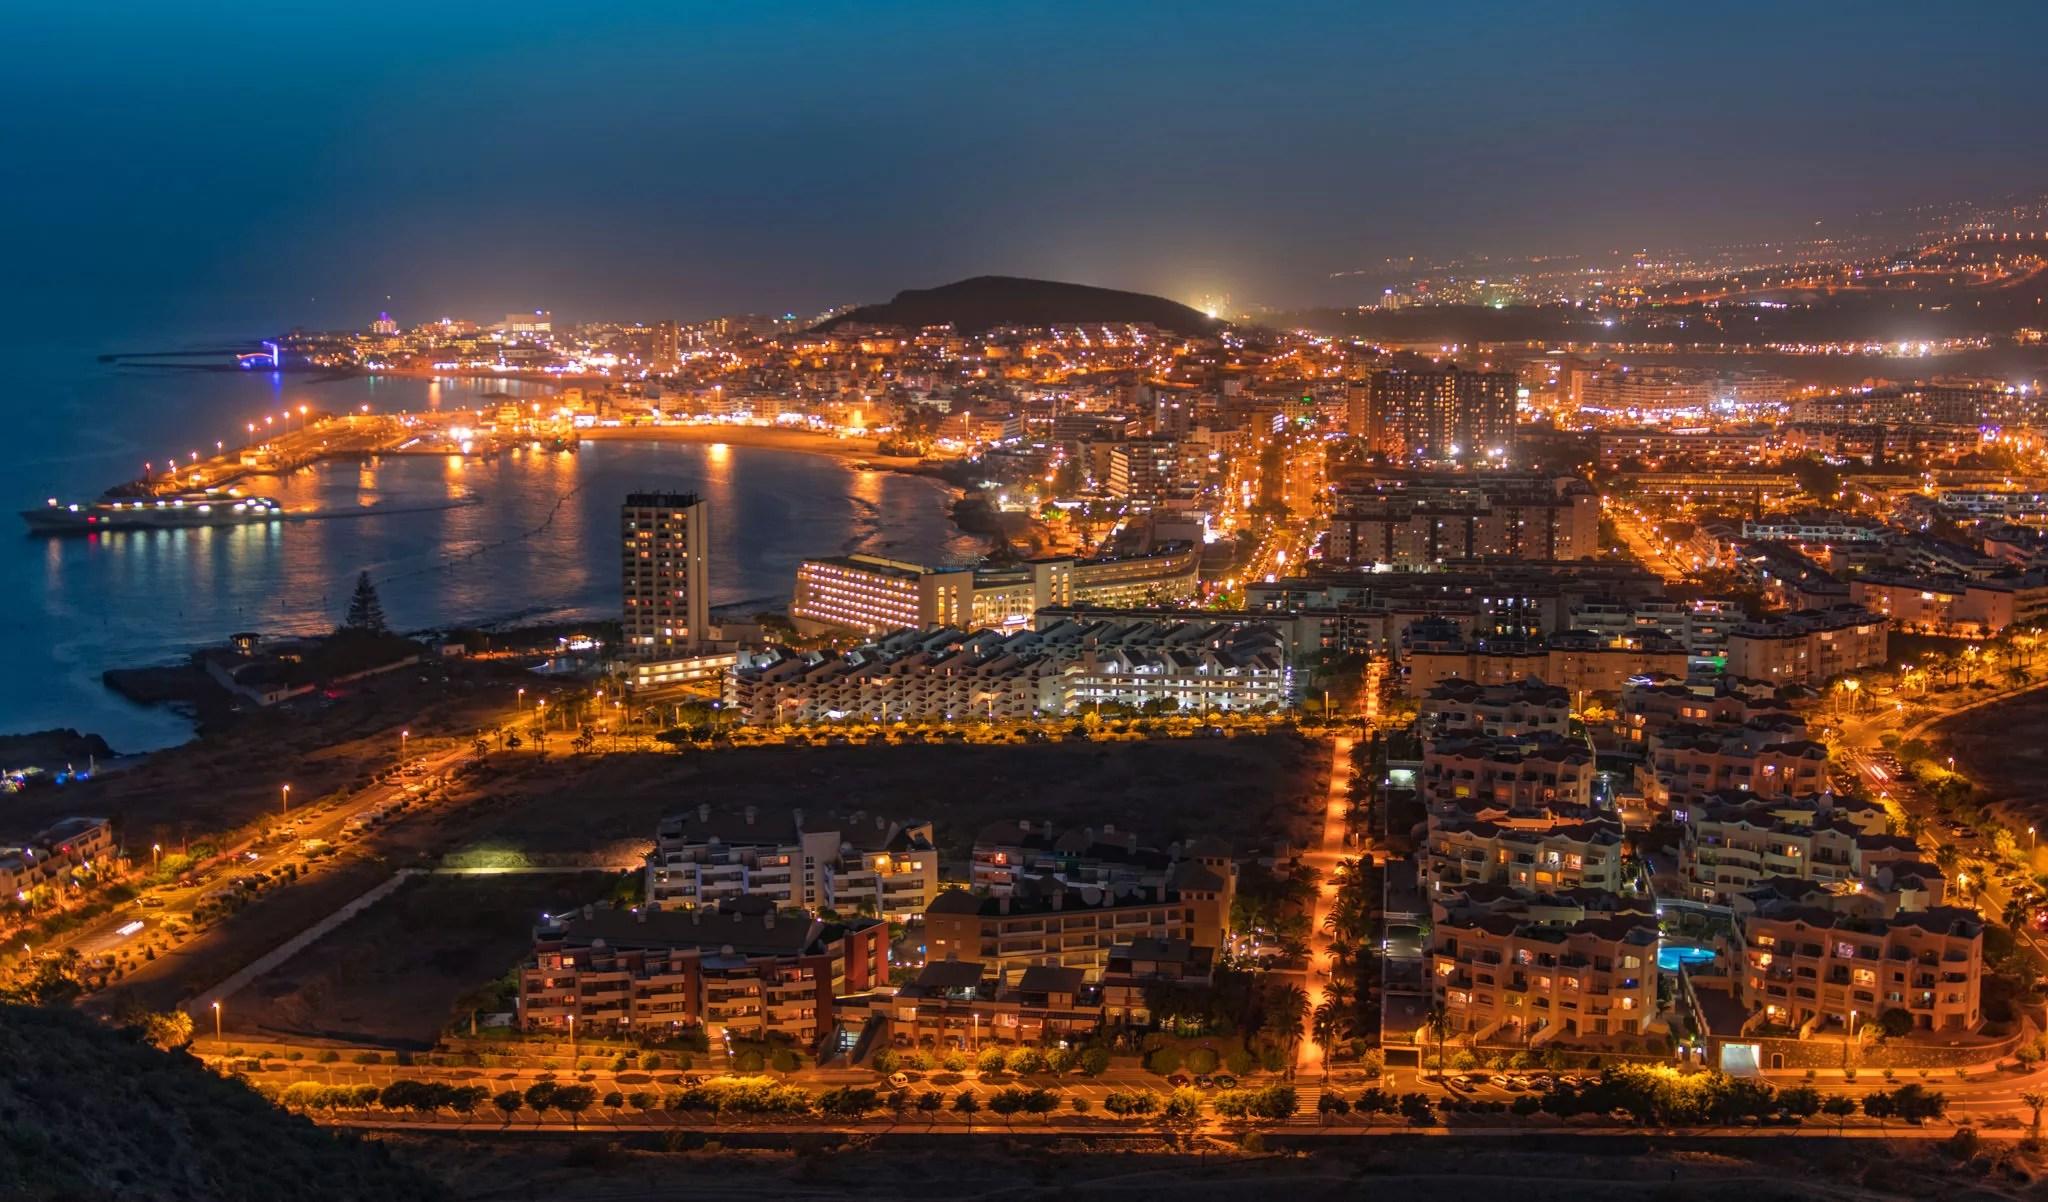 Ночной Лос-Кристианос, Тенерифе, Испания